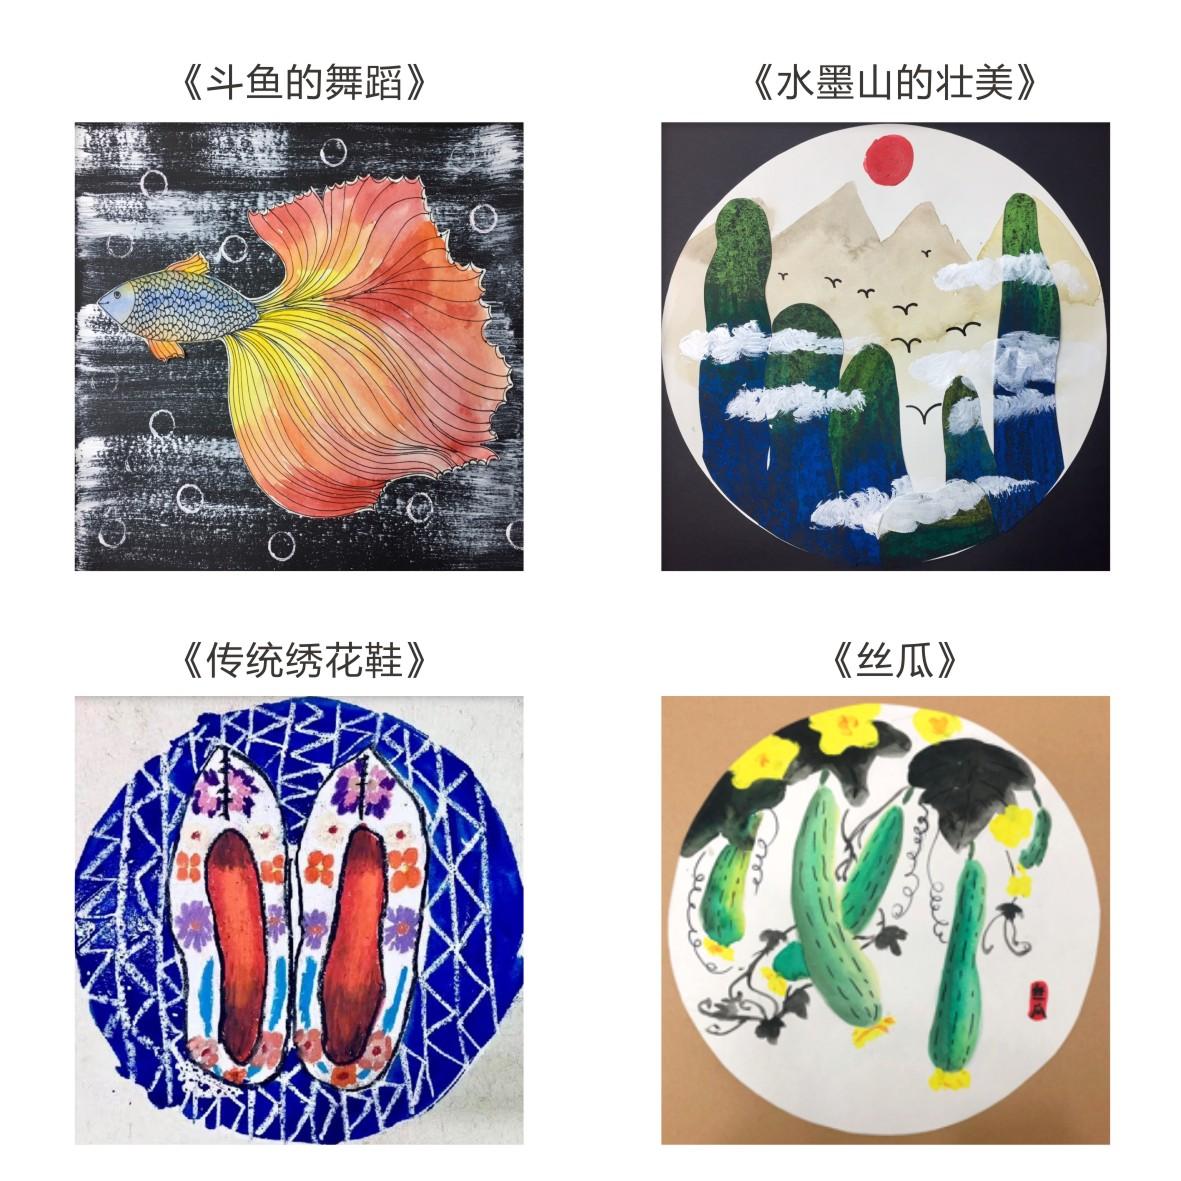 米鹿藝術5-7少兒創意繪畫美術課程教案培訓PPT課件16節